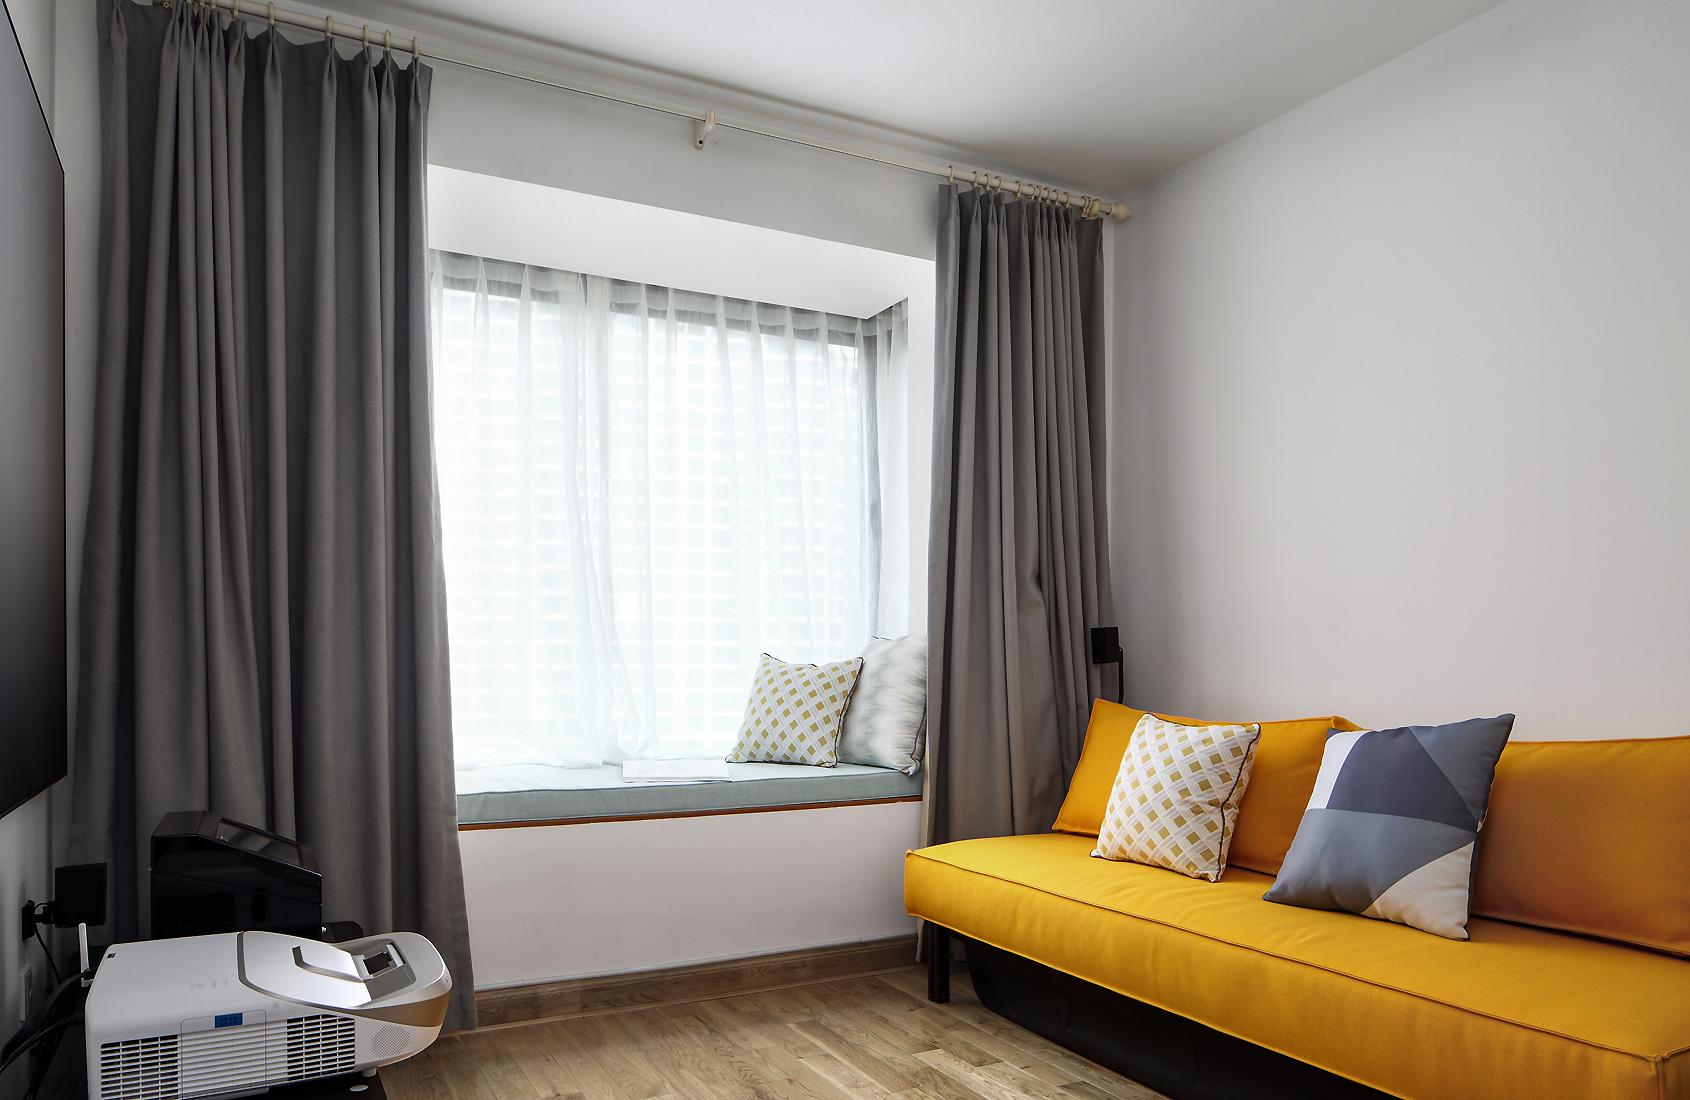 现代北欧风之家卧室休闲区